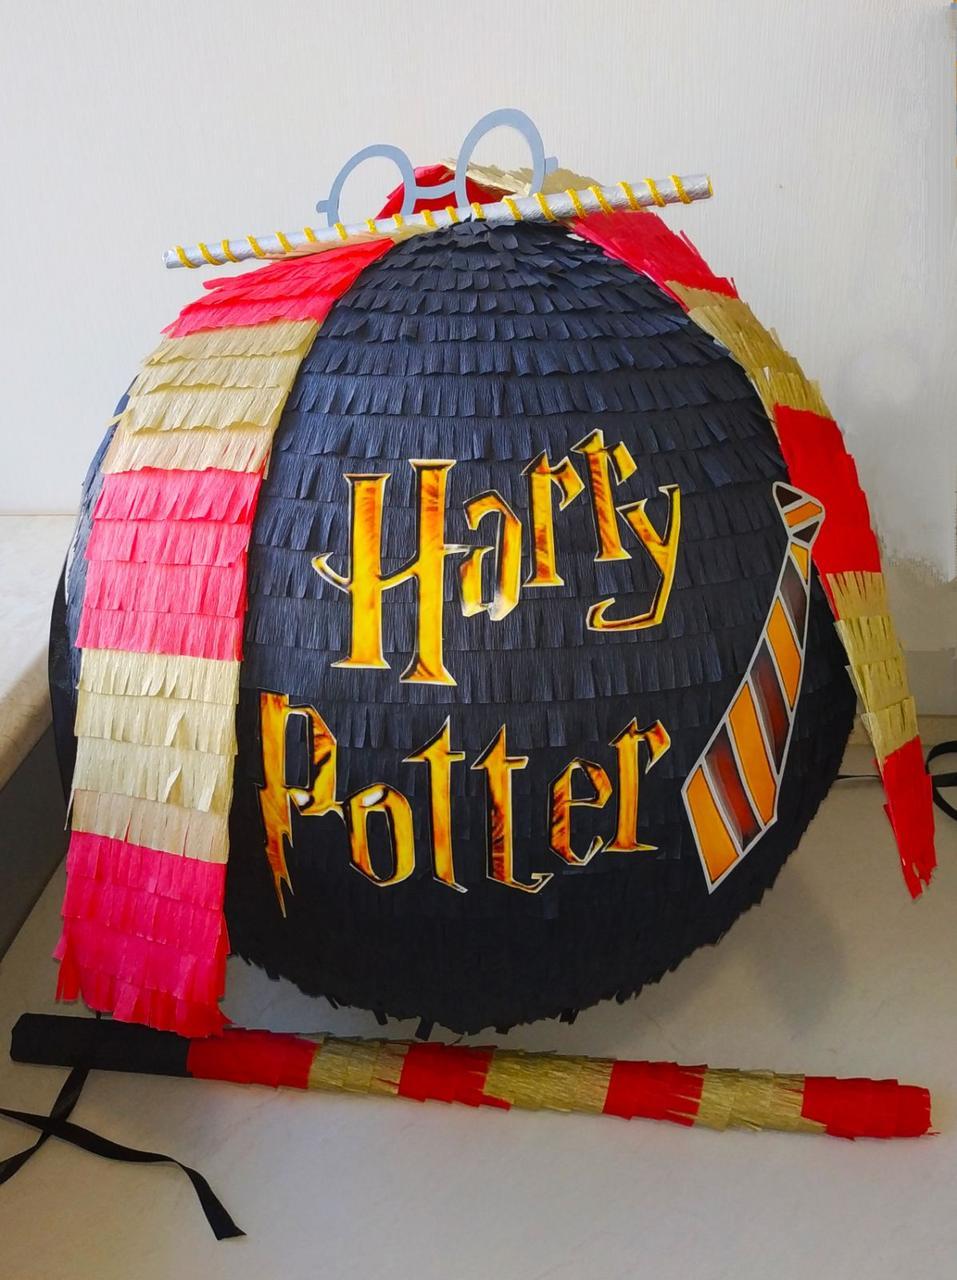 Пиньята - Праздник у детей Гарри Поттер, конкурсы г. Одесса